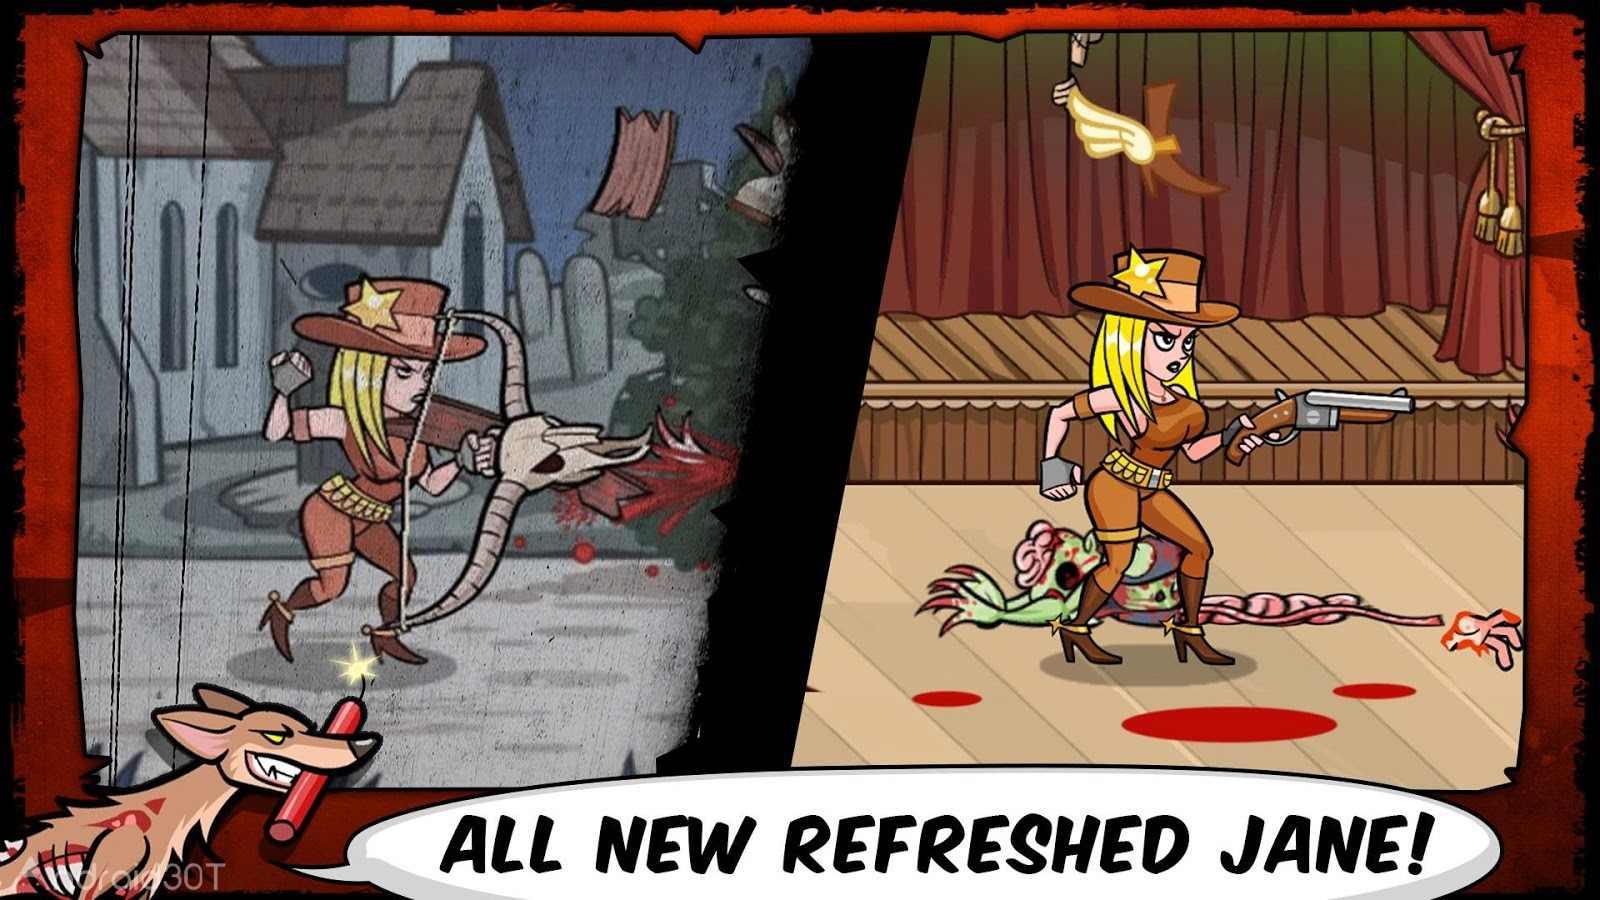 دانلود Jane Wilde: Wild West Undead Arcade Shooter 2.252 – بازی تیراندازی اندروید